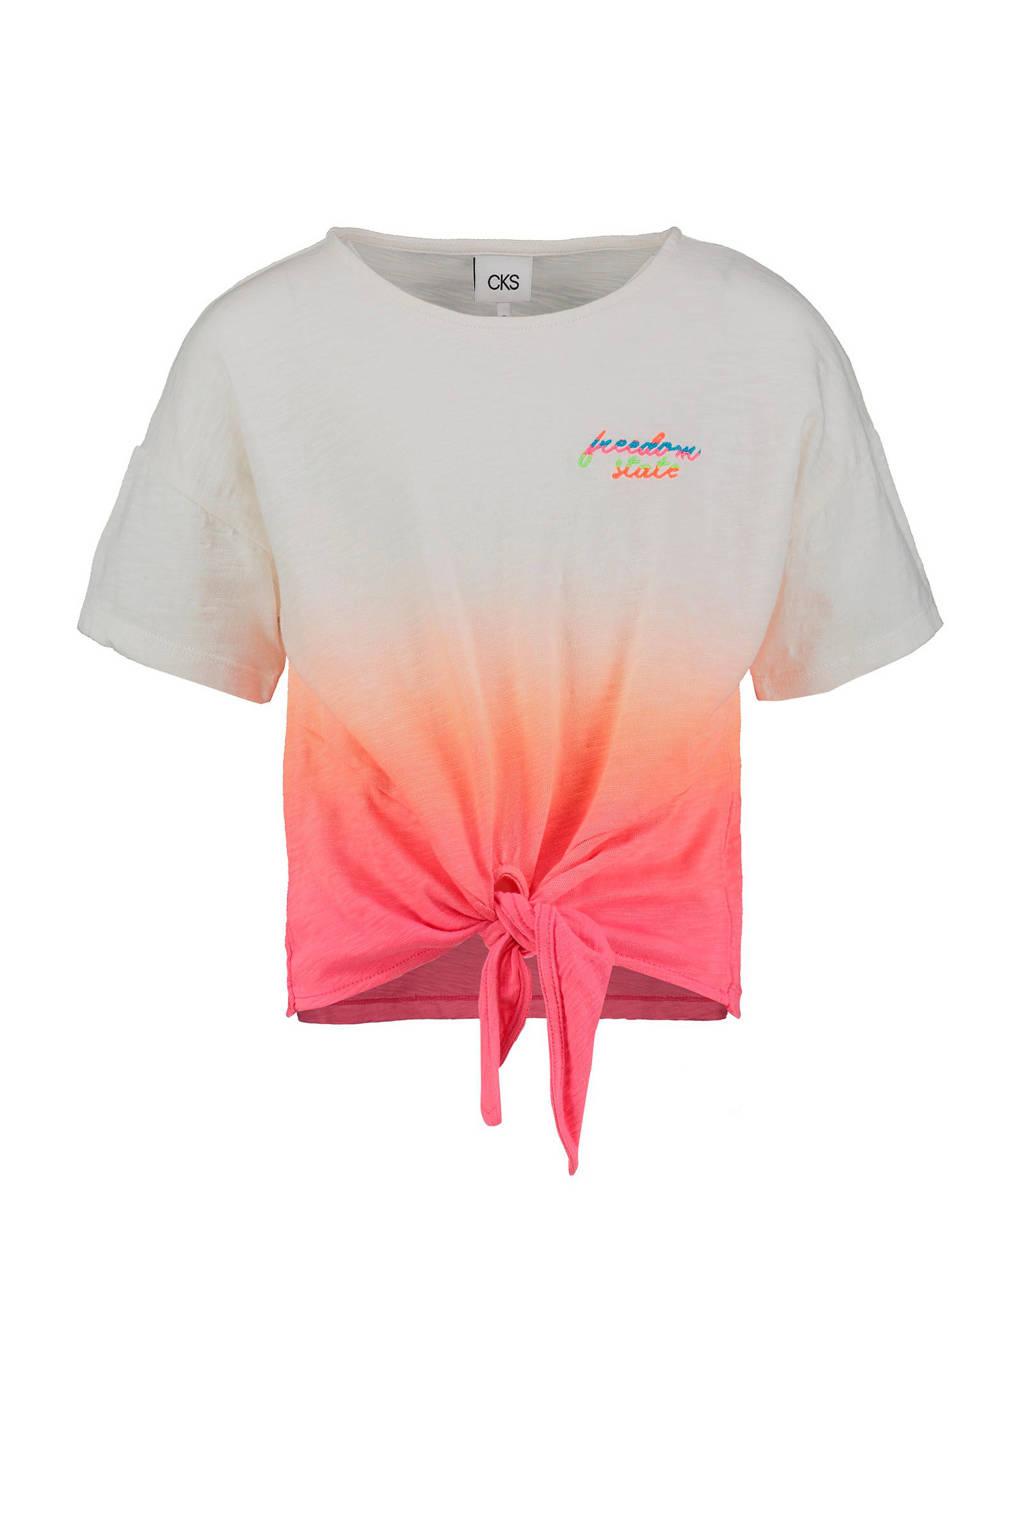 CKS KIDS dip-dye T-shirt Isatou oranje/wit, Oranje/wit